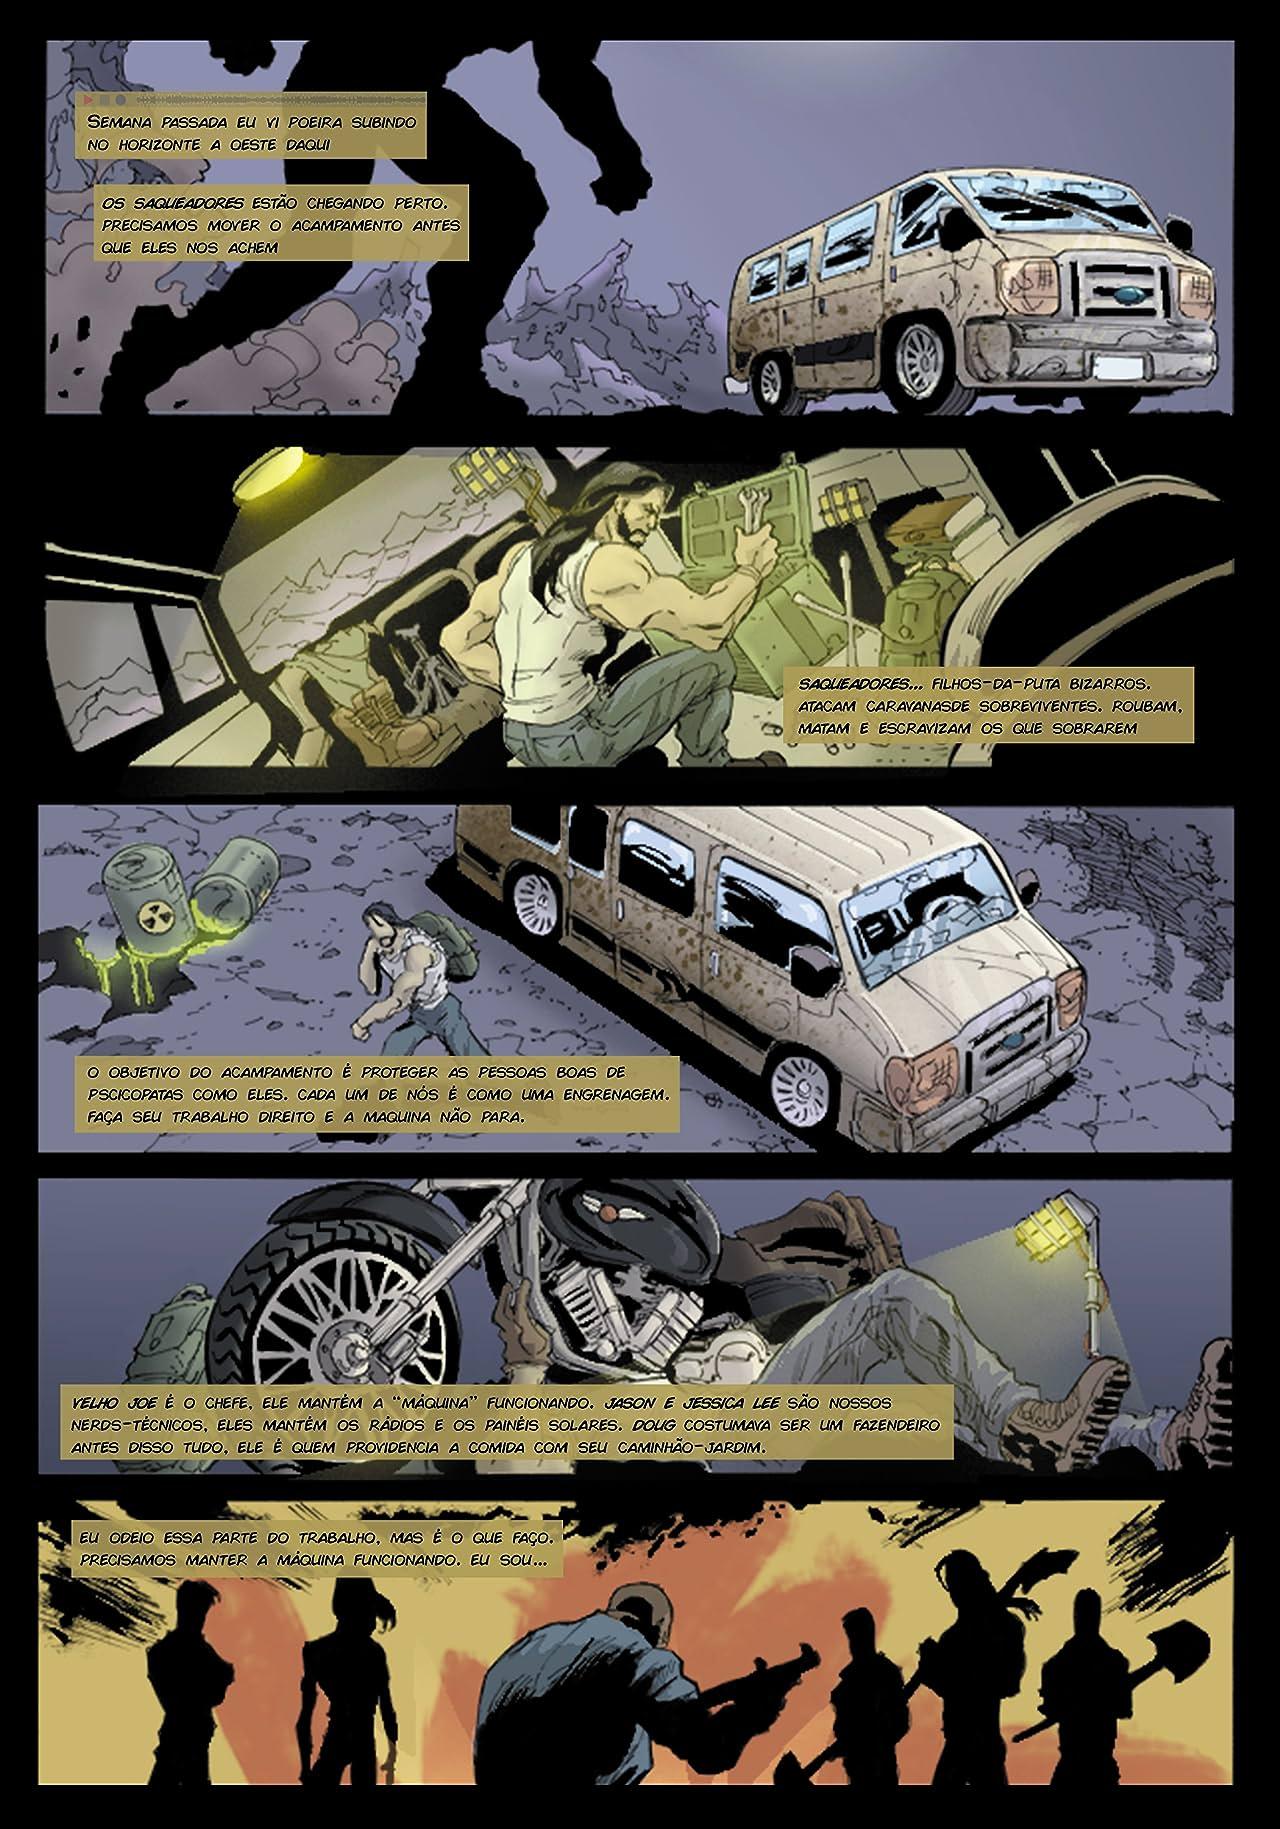 Buried: Os últimos Dias da Humanidade #1